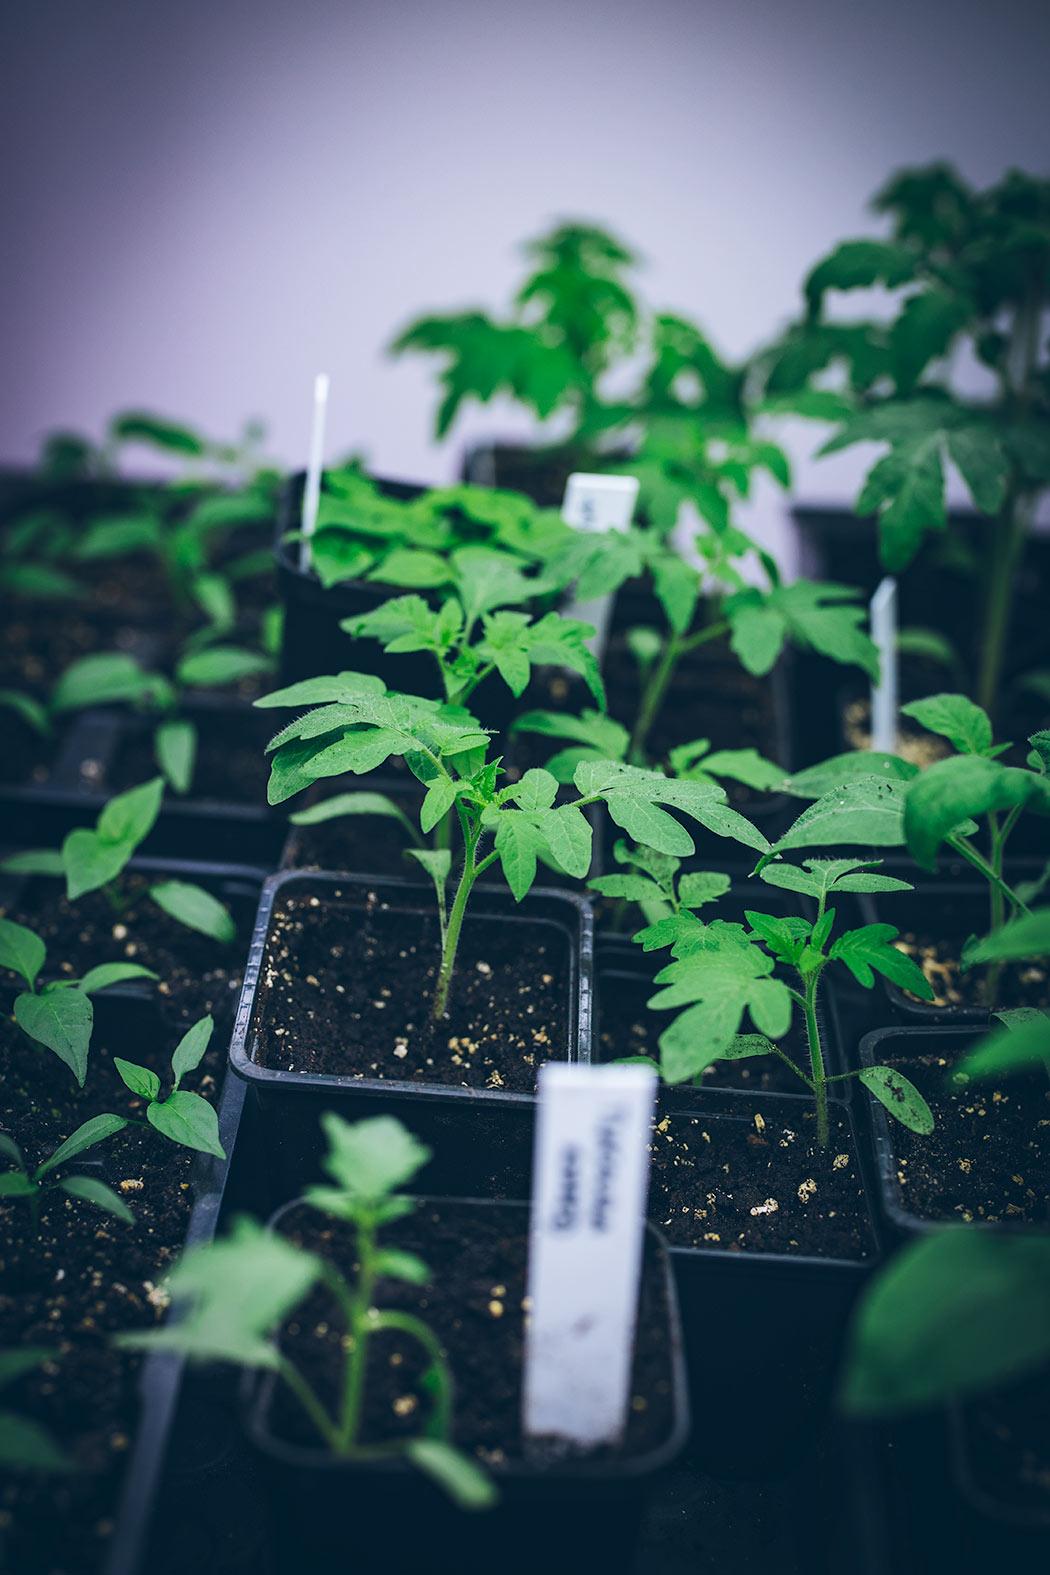 pikowanie sadzonek pomidorów krok po kroku